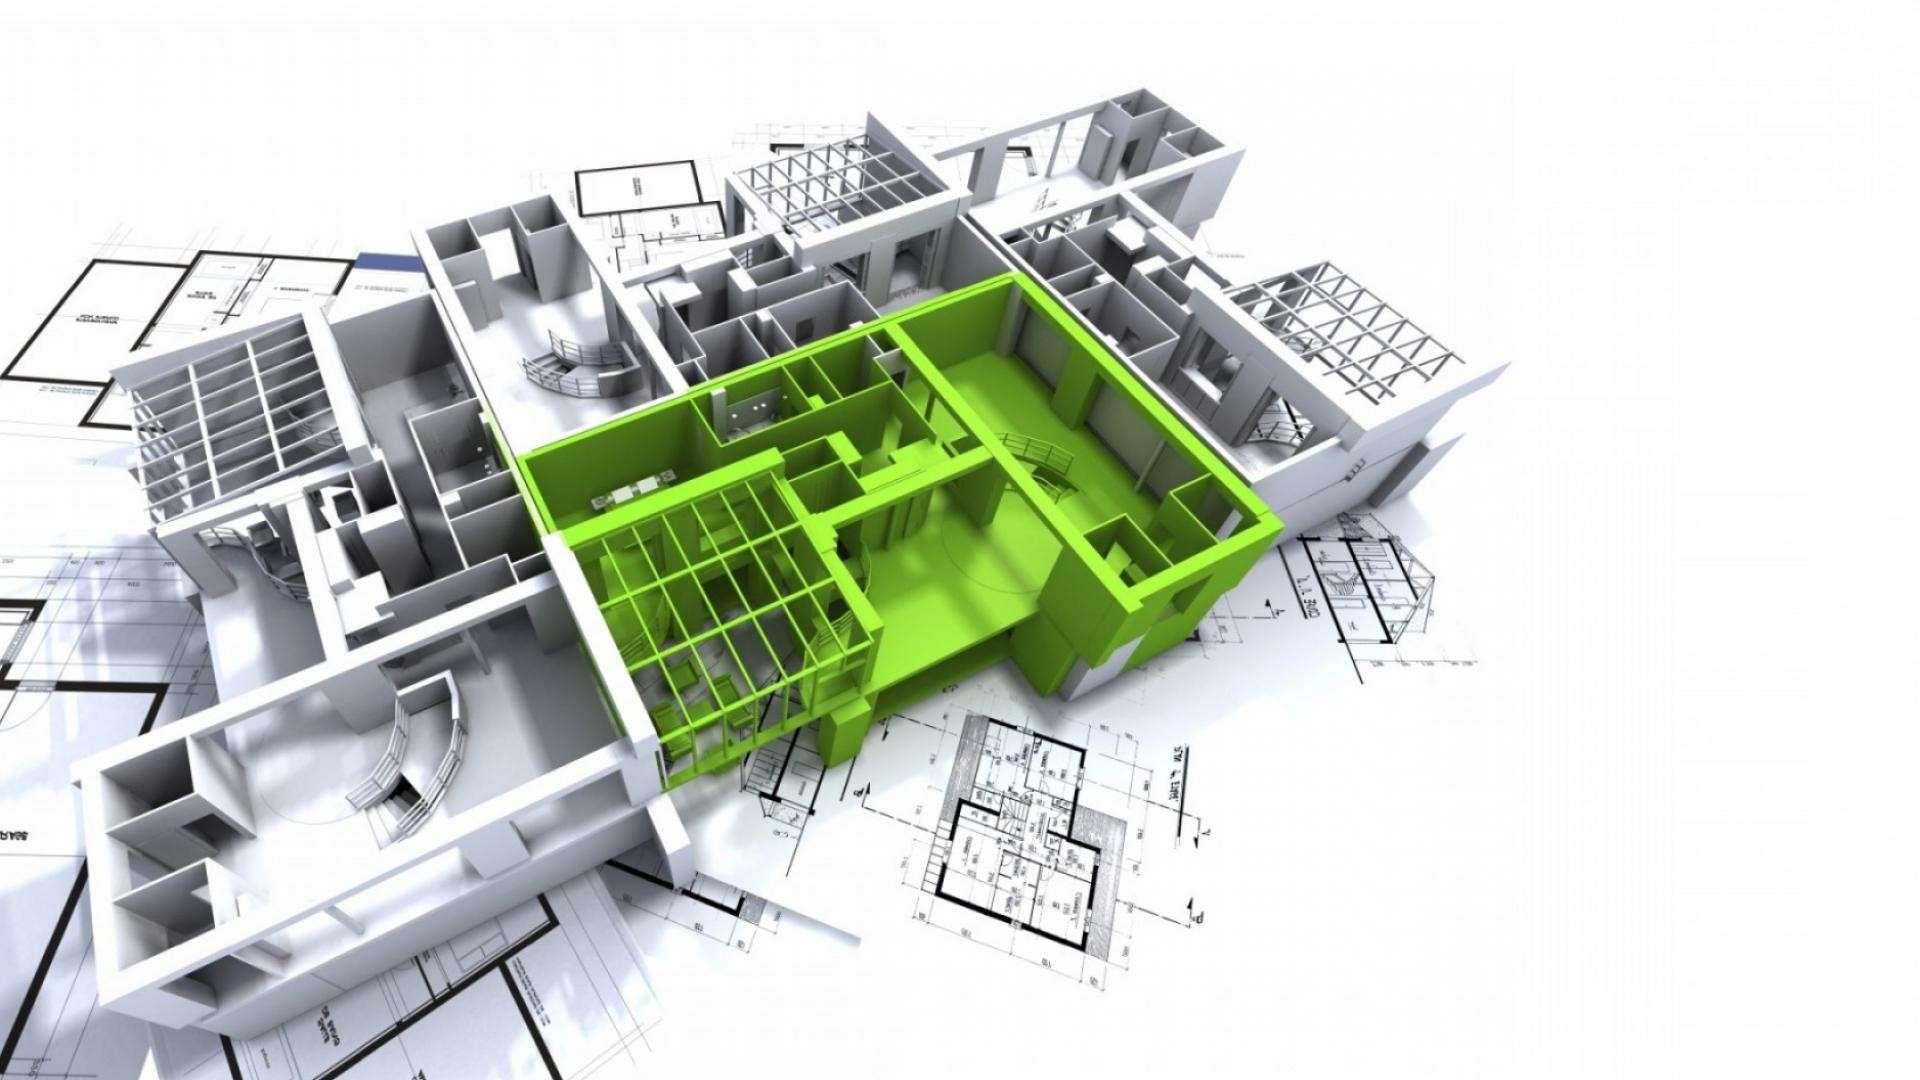 House Building Blueprints Interiors